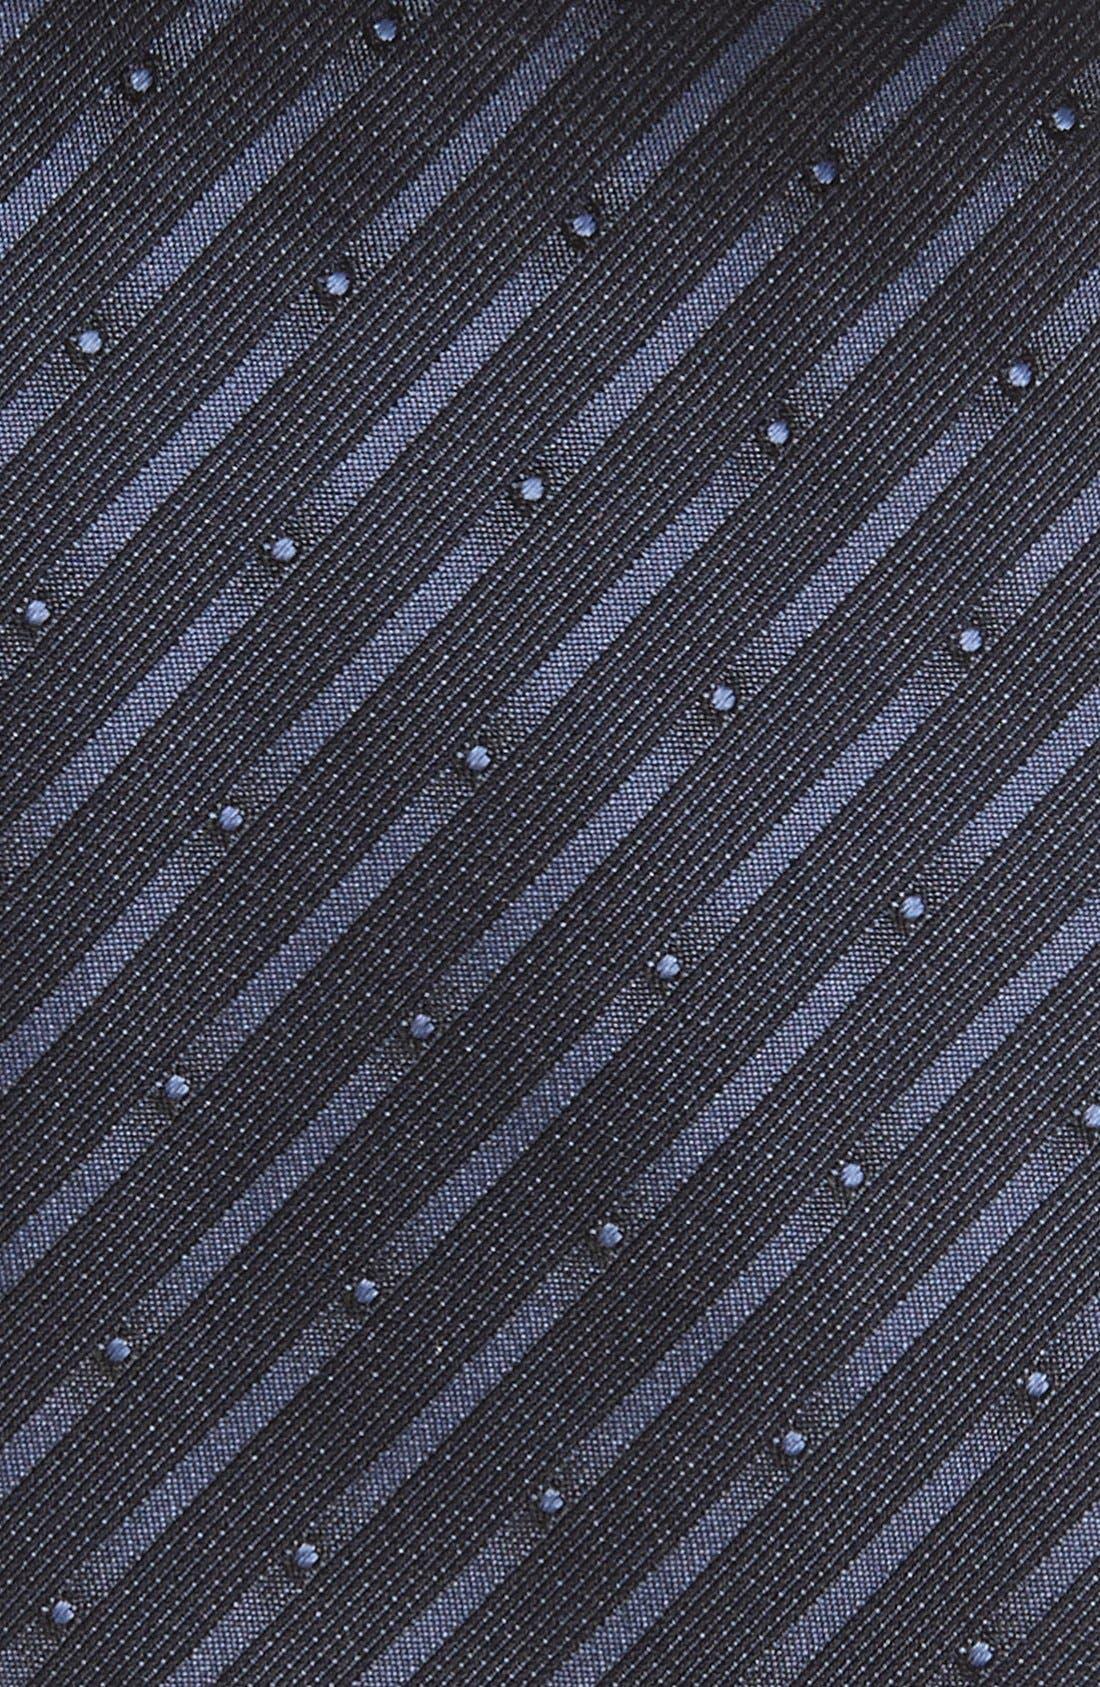 Alternate Image 3  - Armani Collezioni Woven Silk Tie